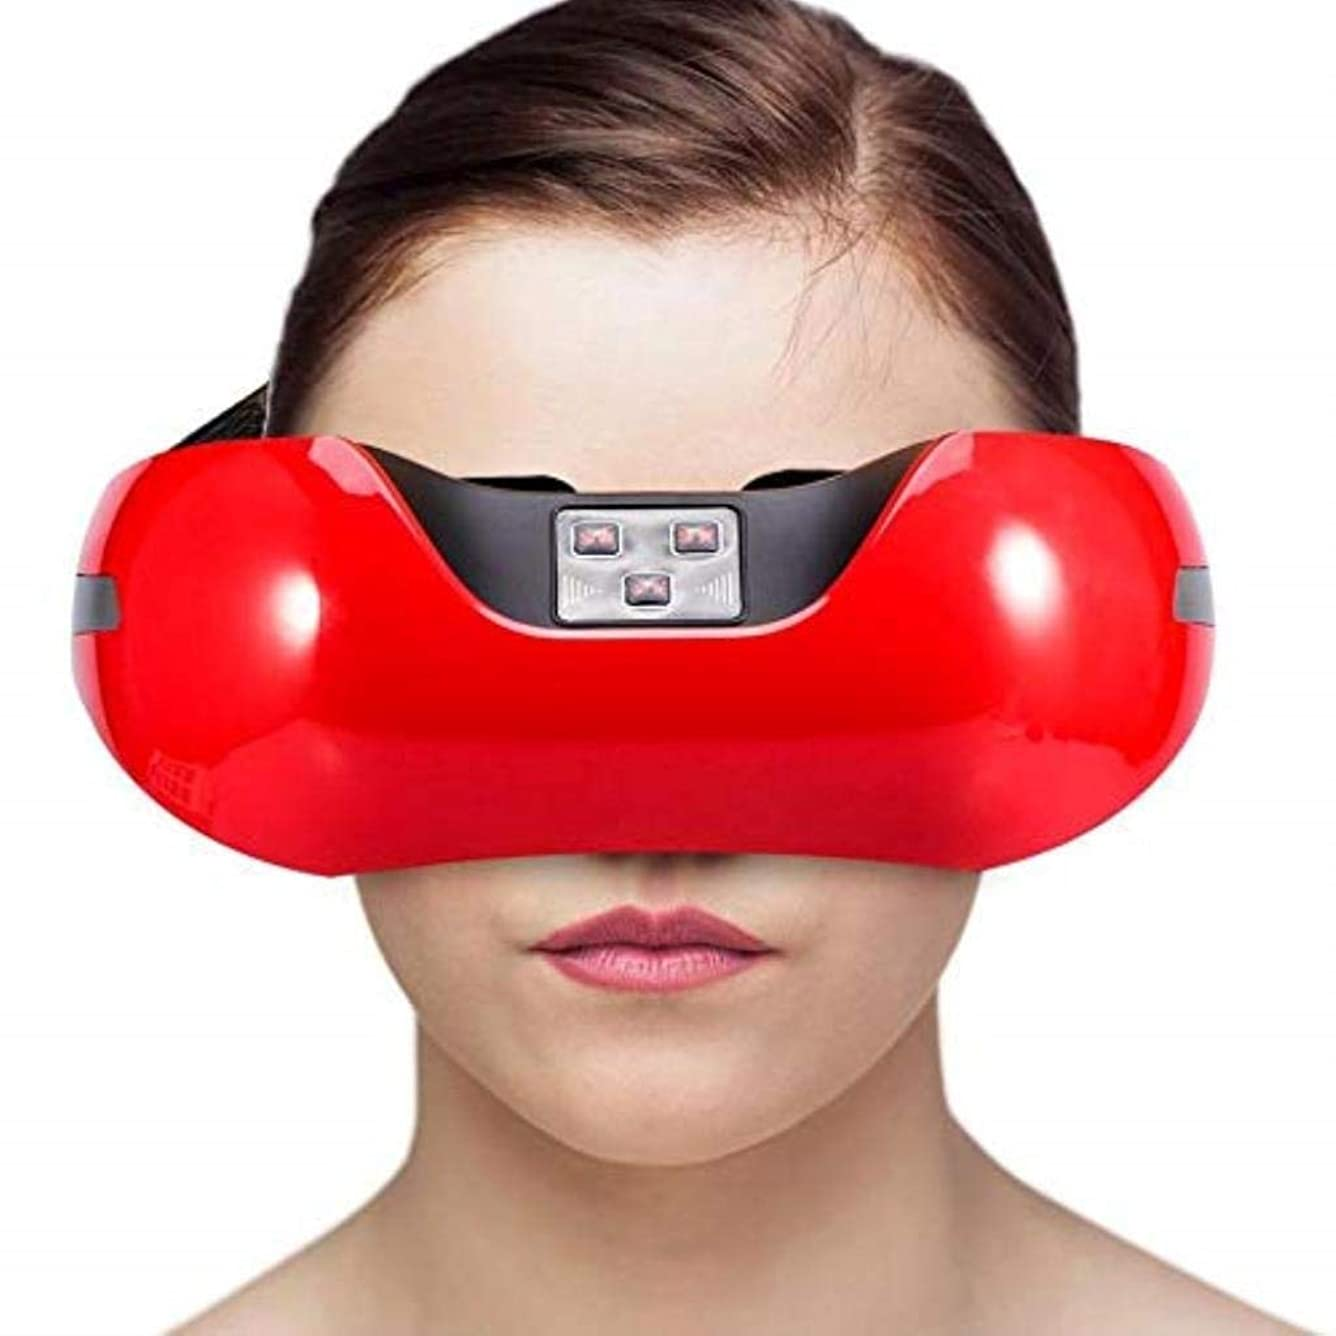 プレミア海洋の崩壊近視の予防のための視力回復器具トレーニングアイマッサージ器具 (Color : Red)